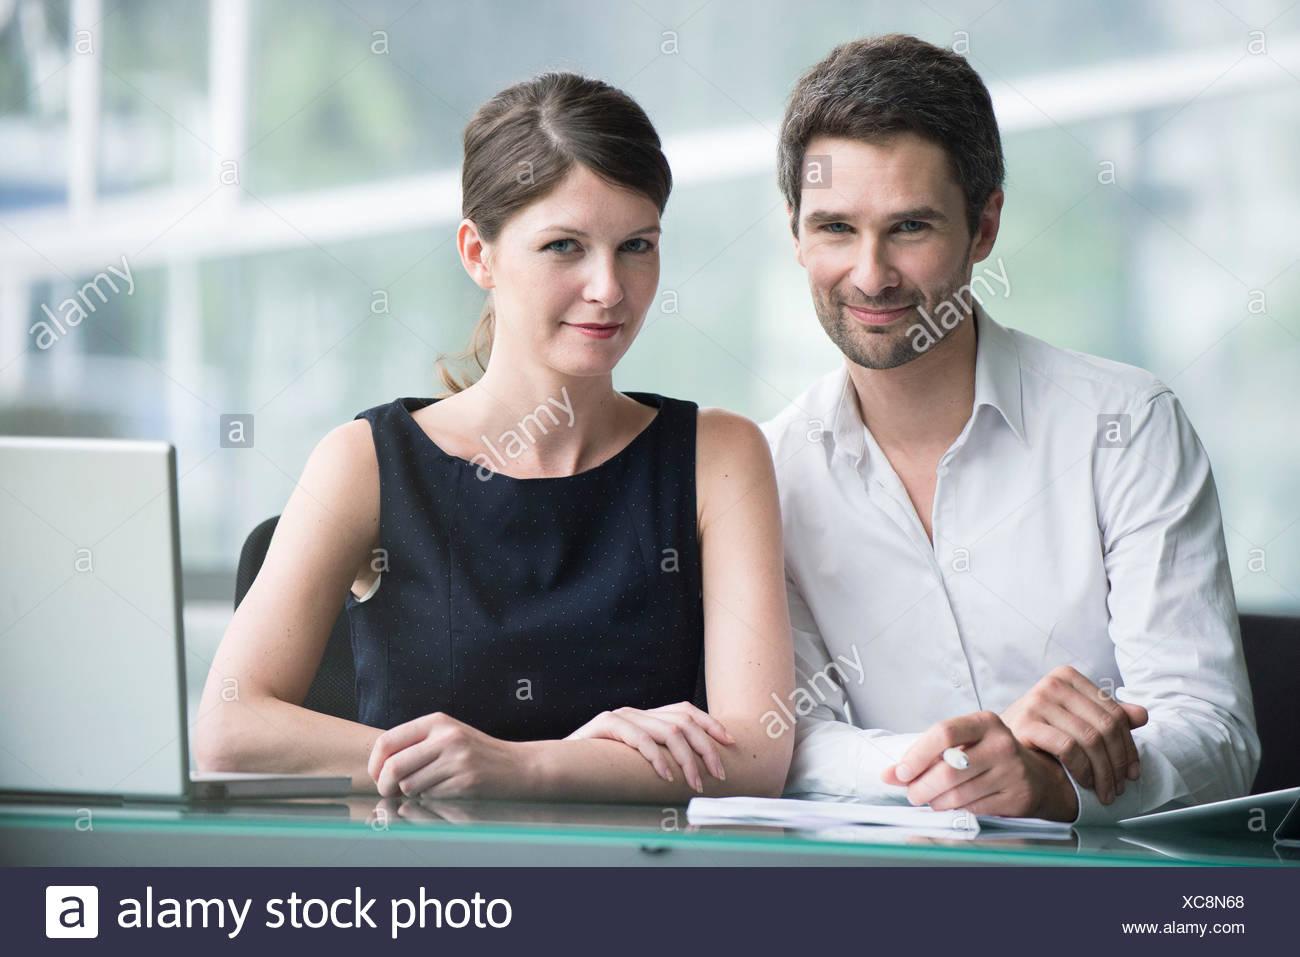 Business partners, portrait - Stock Image